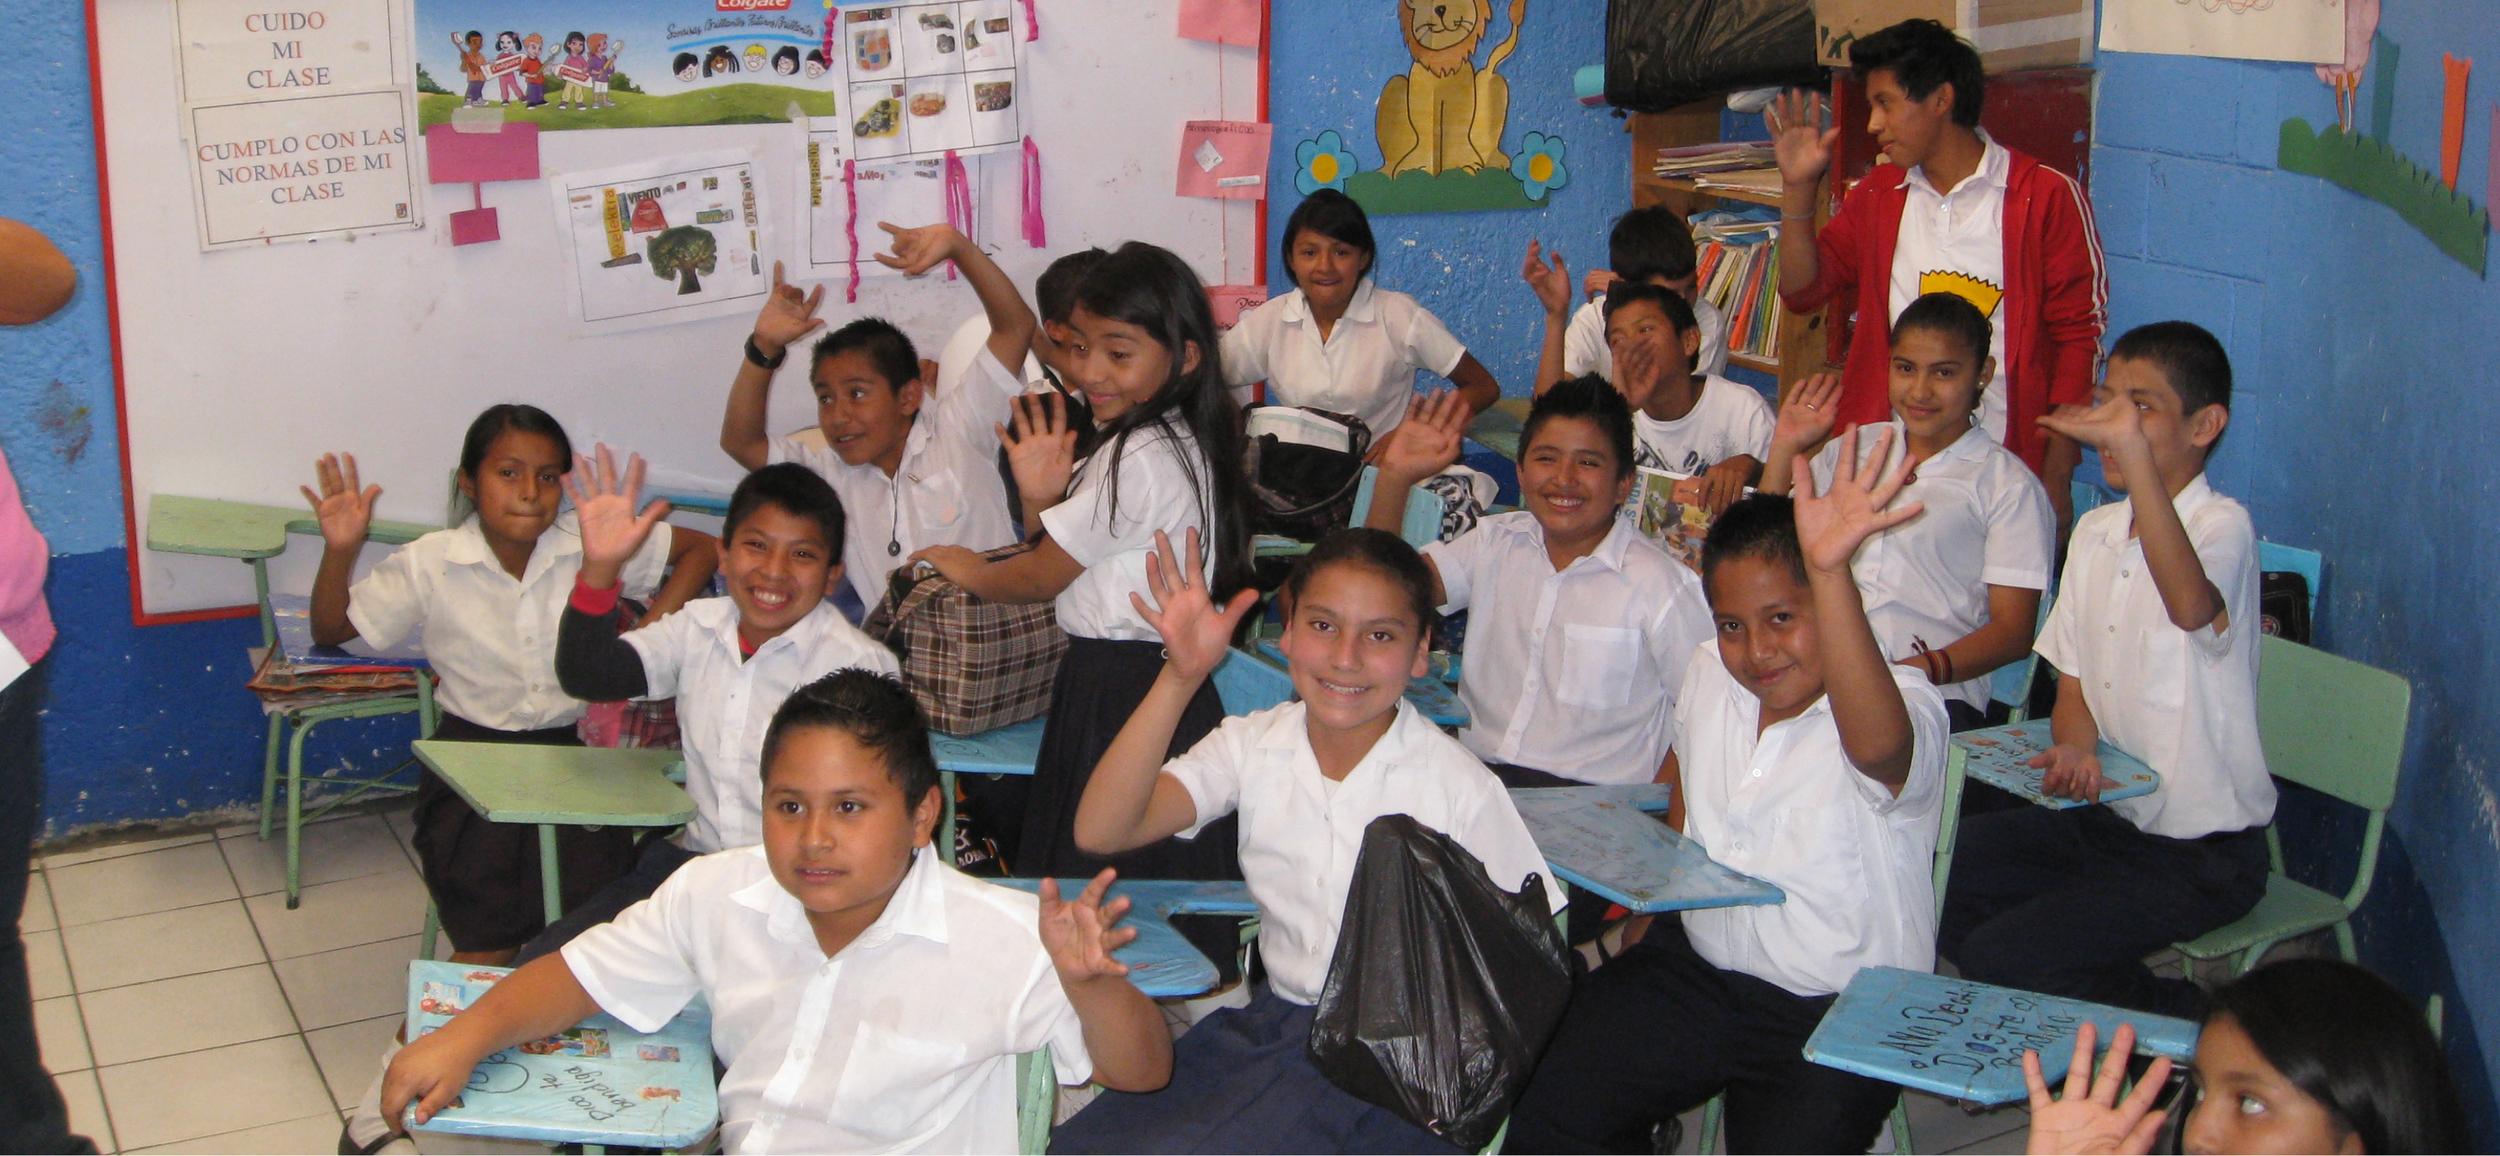 Education-Slideshow4.jpg